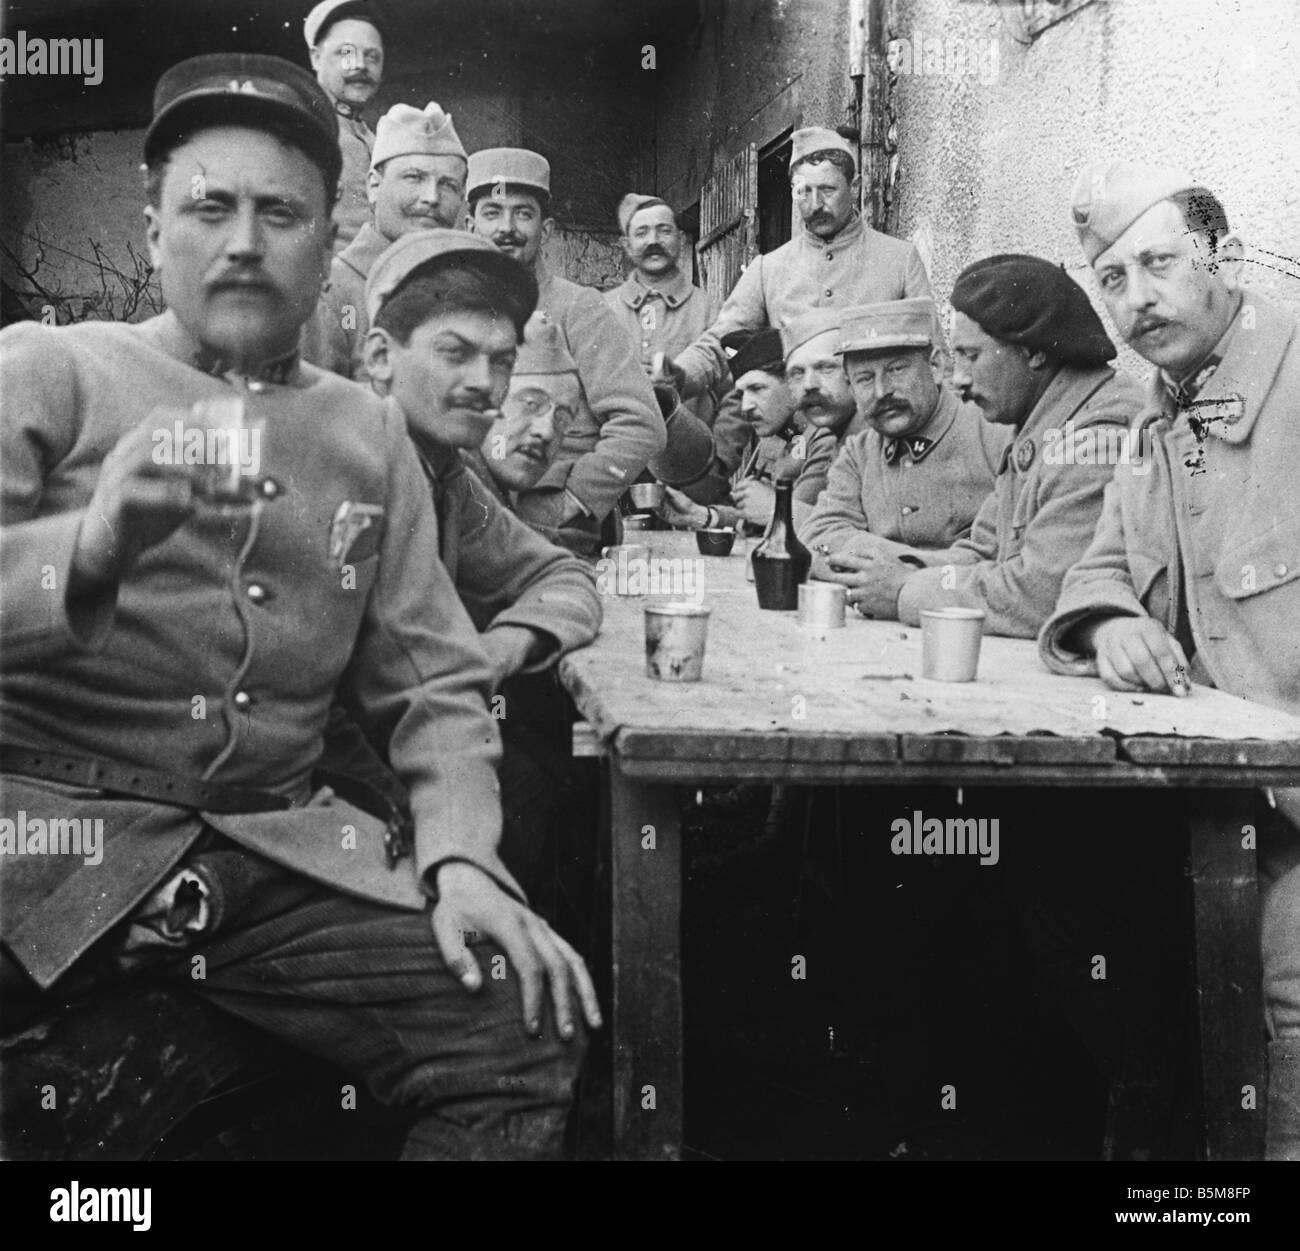 2 G55 F1 1917 20 E WW1 soldats français dirigeants Photo History World War One France soldats et officiers Photo Stock